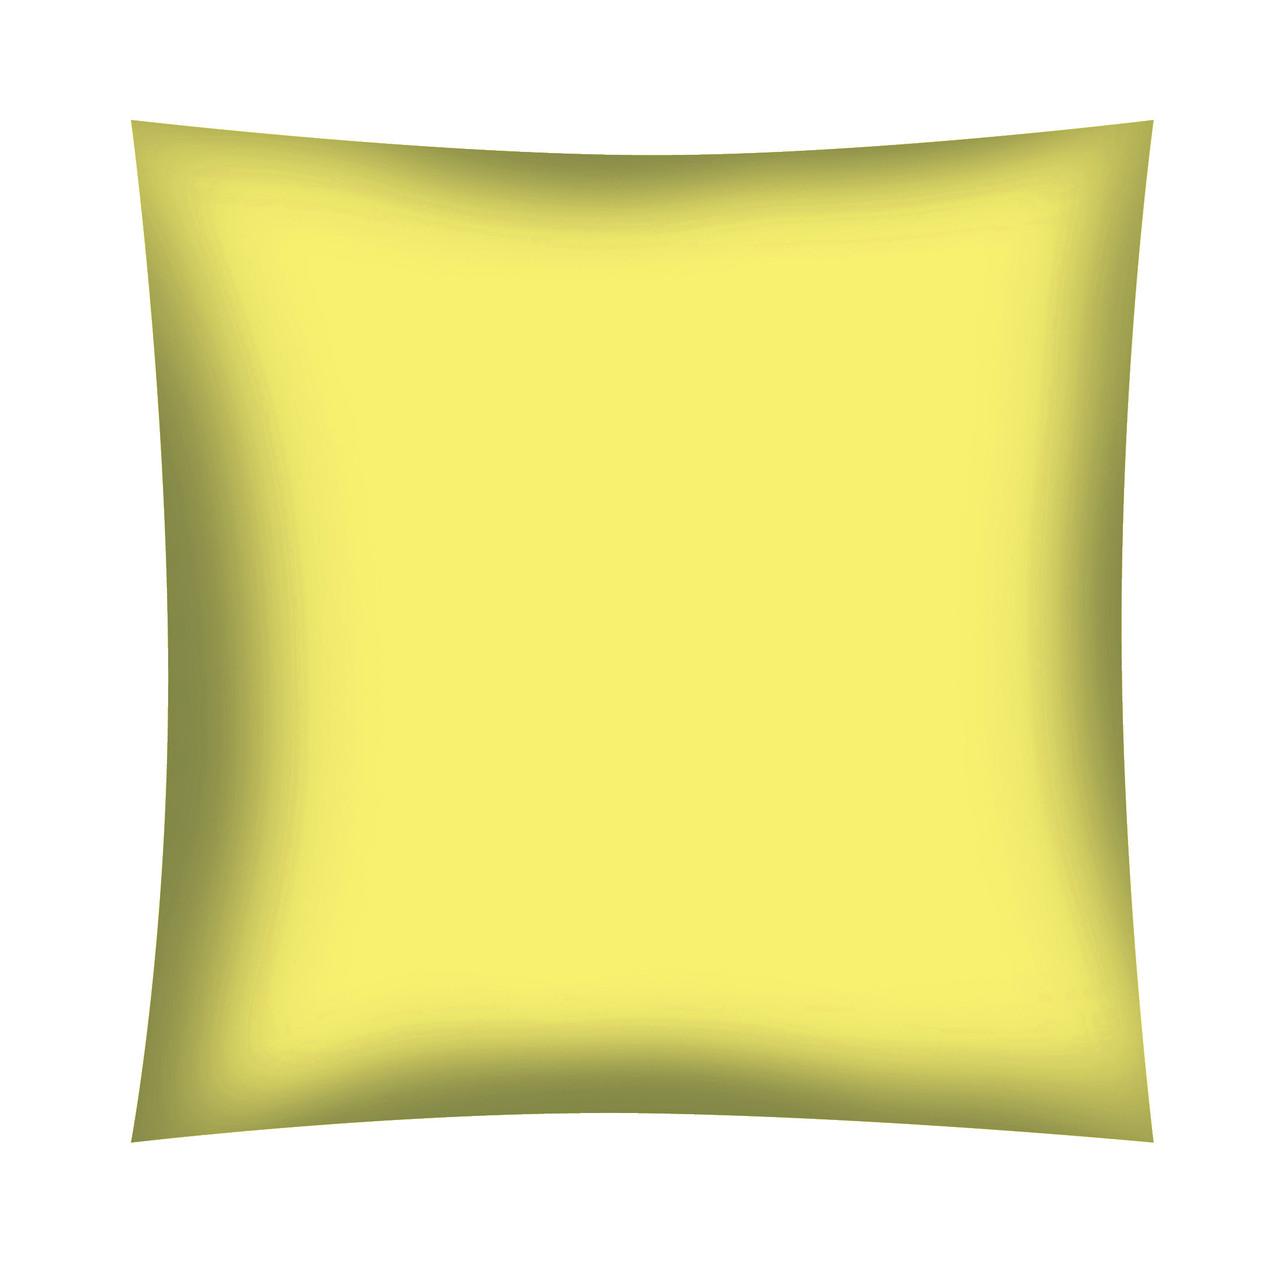 ✁ Отрезы Однотонной Лимонно-желтой бязи (Польша!)